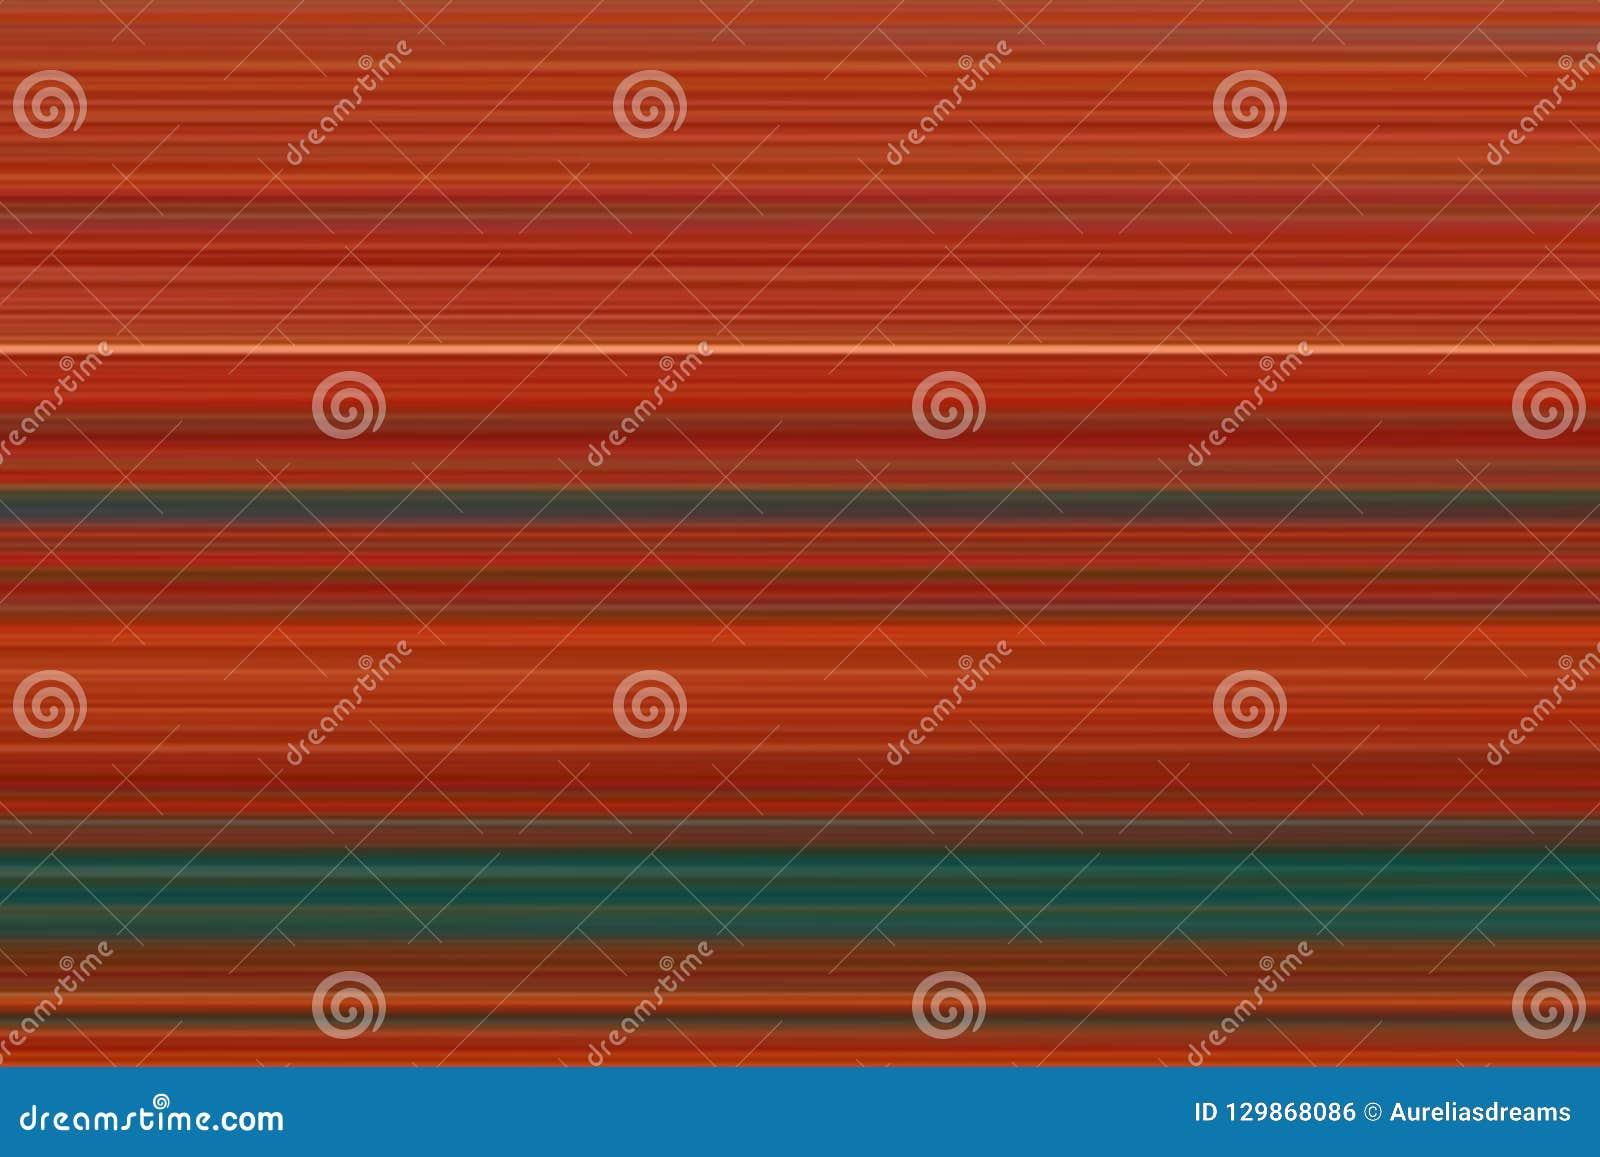 Ð ¡ horyzontalnych linii olorful abstrakcjonistyczny jaskrawy tło, tekstura w czerwieni i zieleni brzmienia,